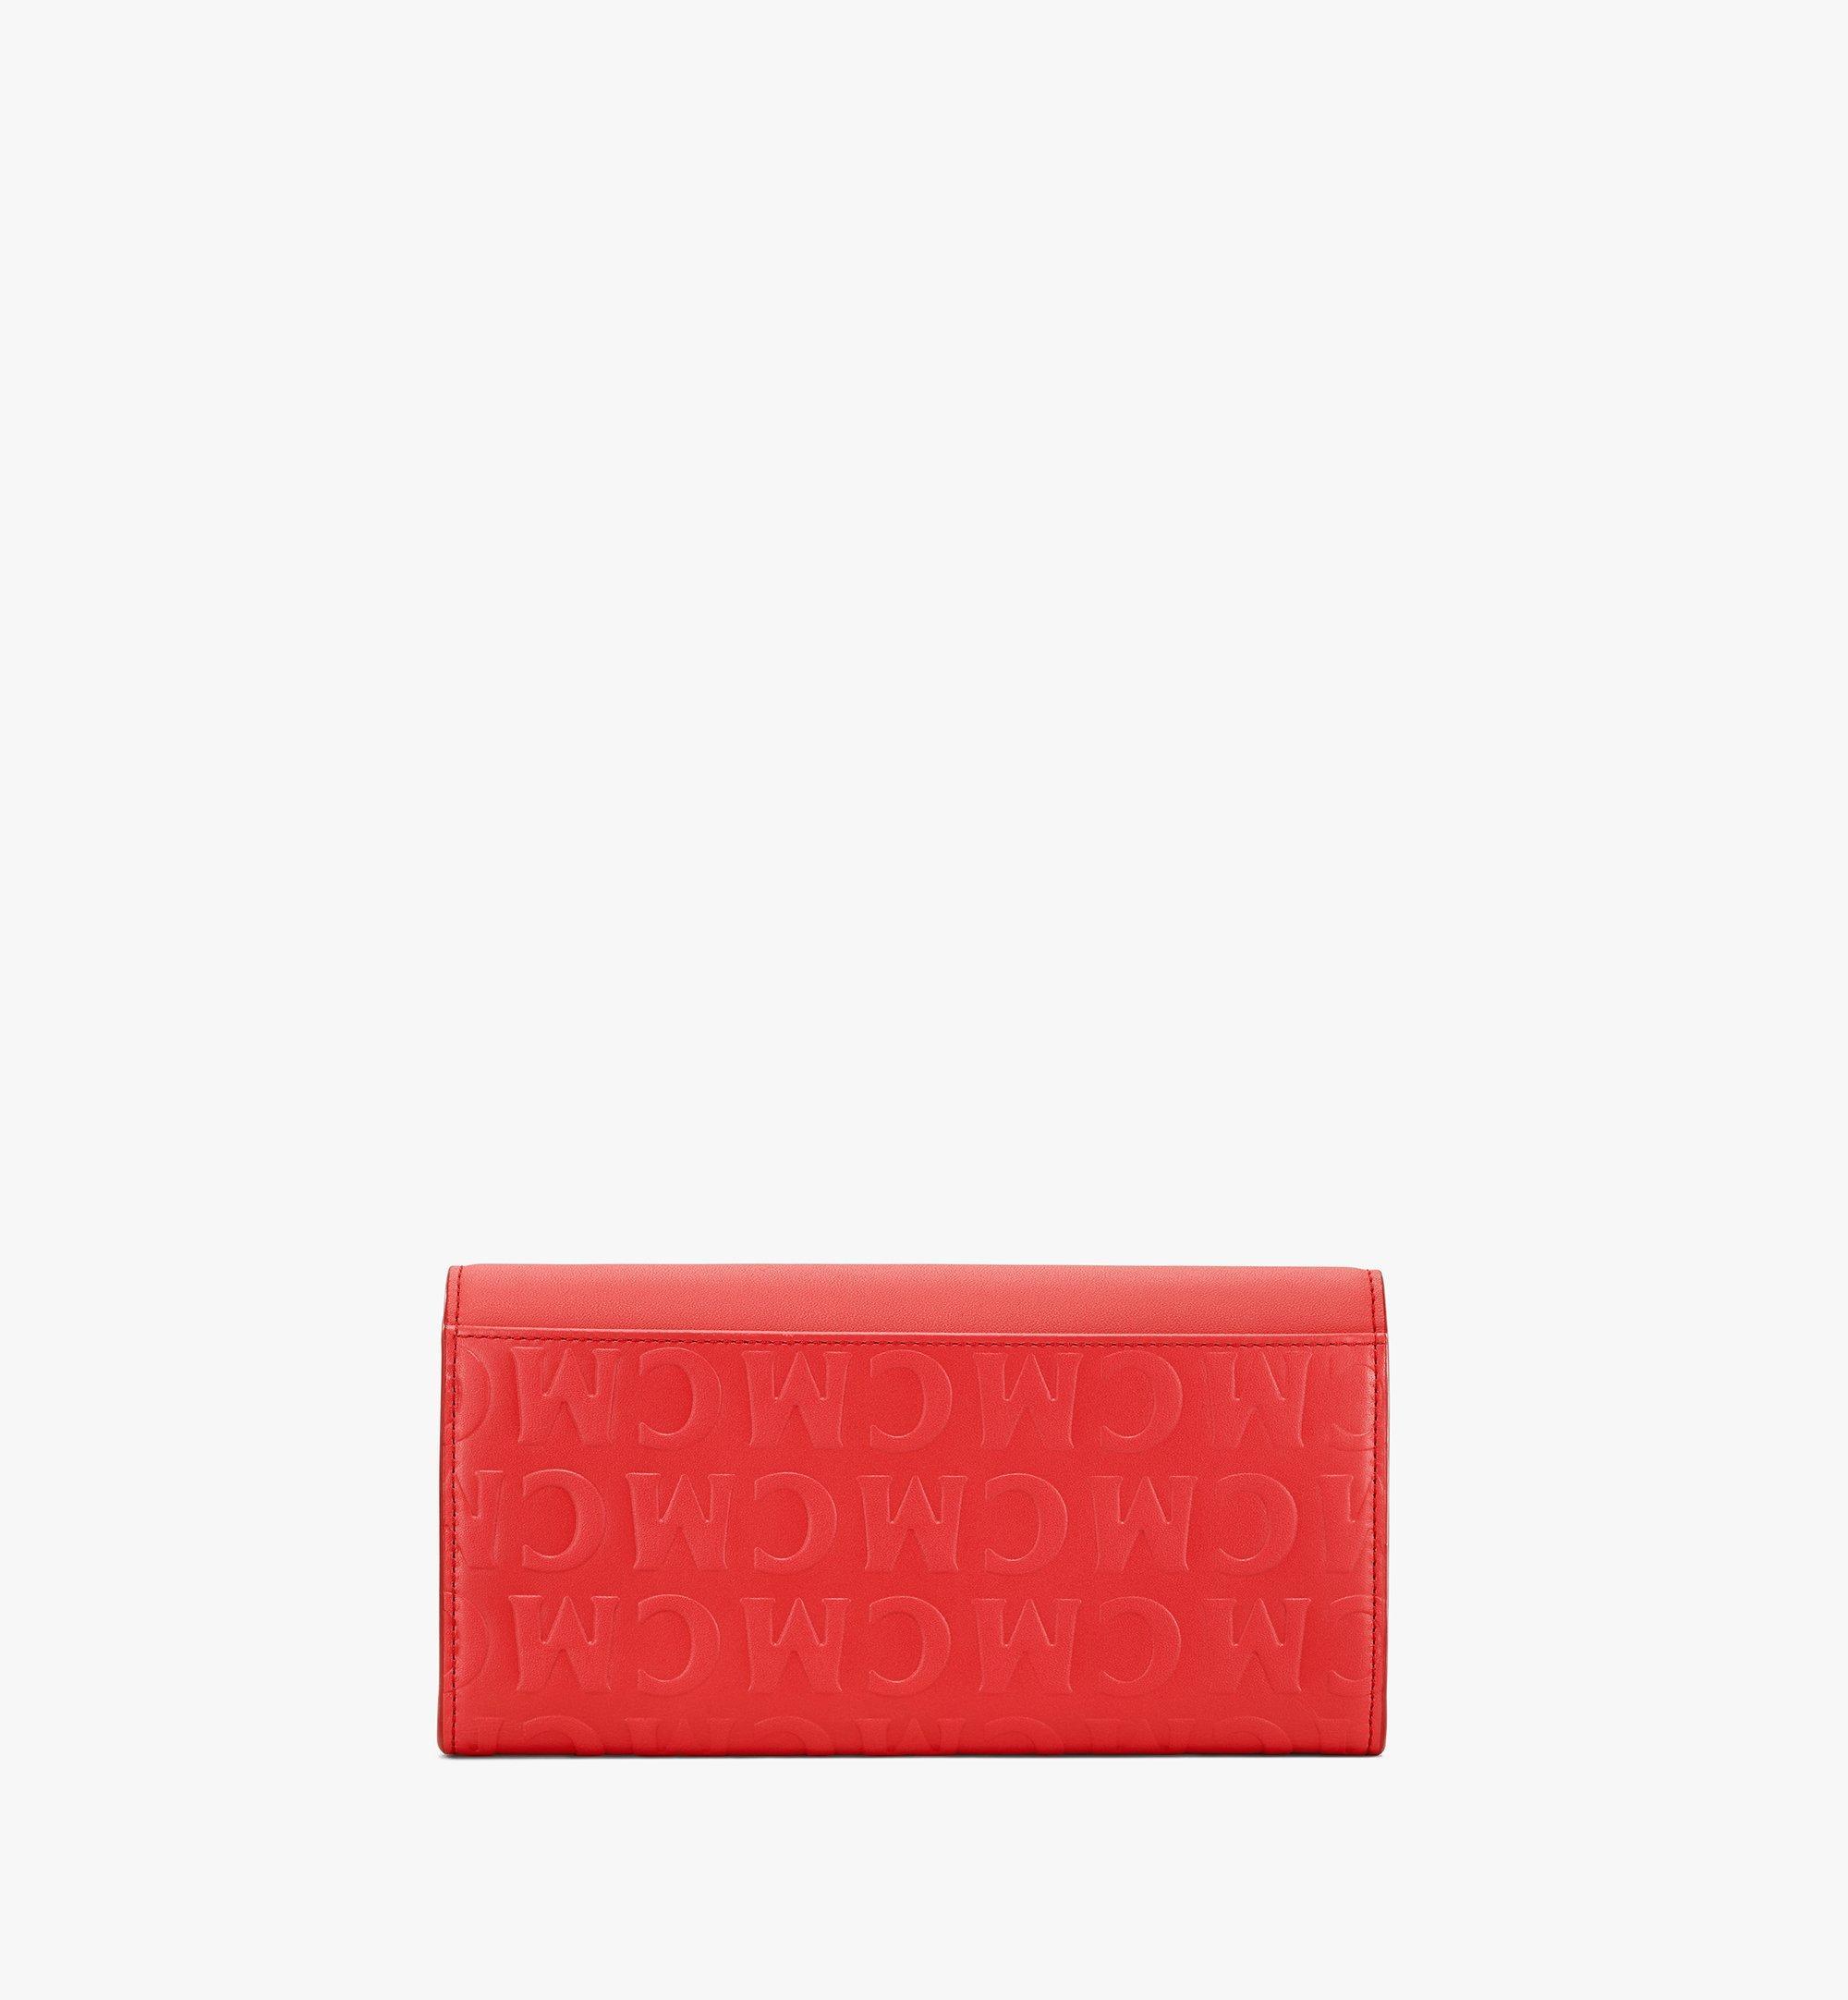 MCM Patricia Crossbody-Brieftasche aus Leder mit MCM-Monogramm Red MYLAAPA05RP001 Noch mehr sehen 2